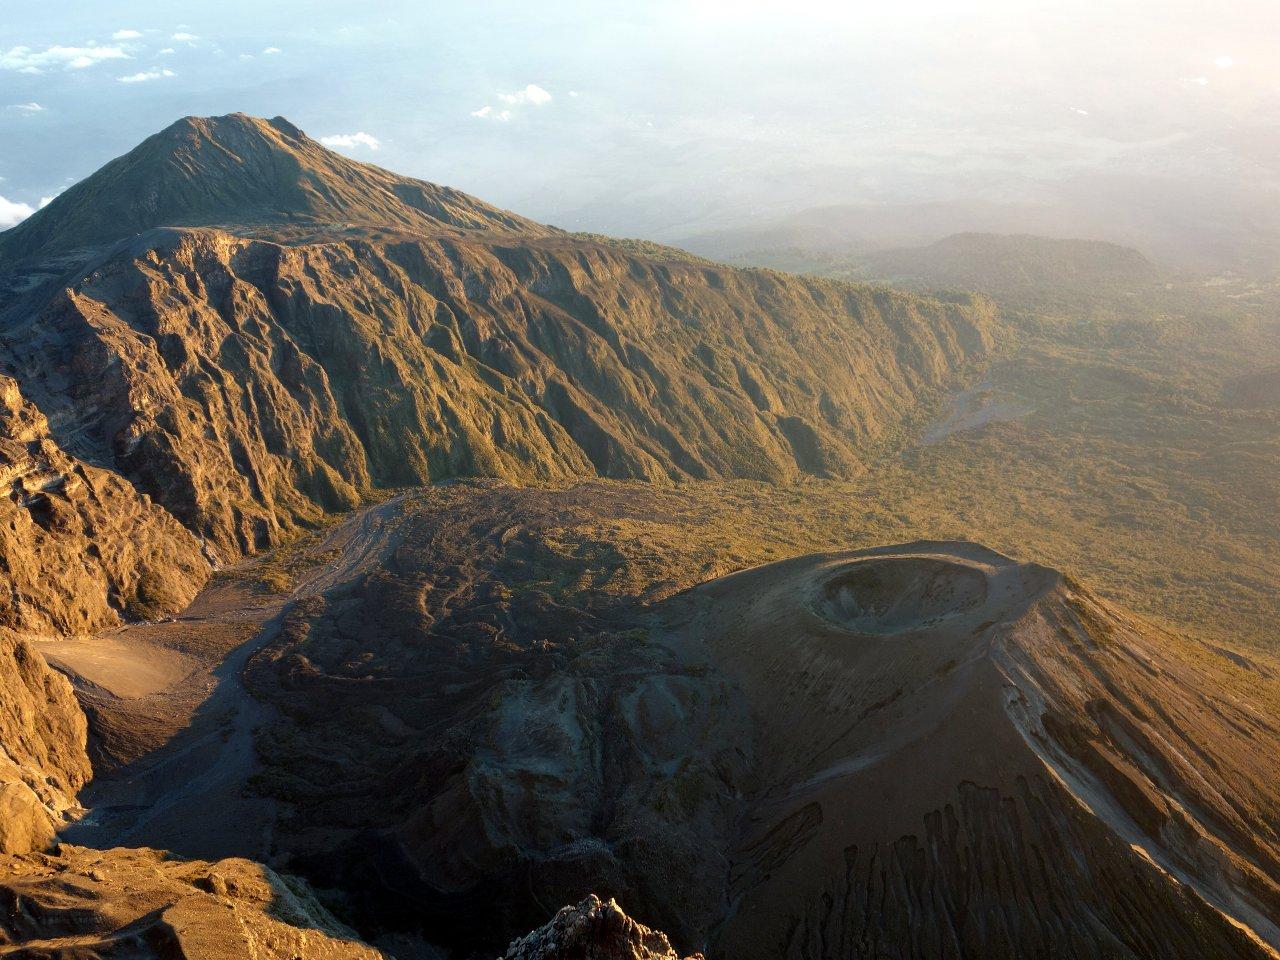 Mt. Meru (Hungarian) Tanzánia #cccb6160-872a-4203-b2e0-a10fac1269bf